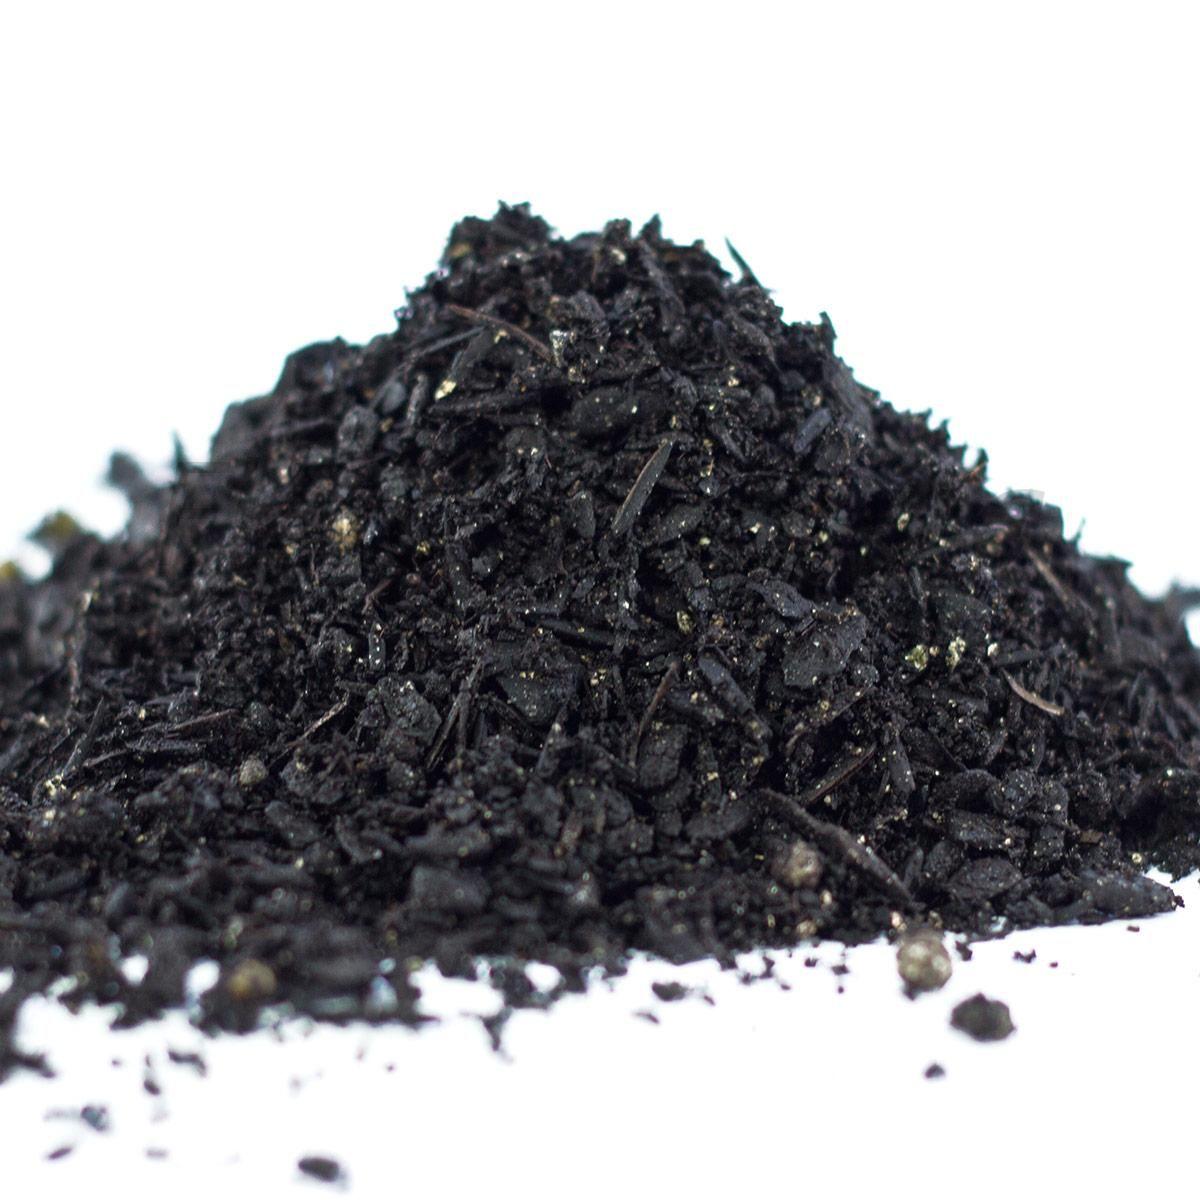 substrato para orquídeas: carvão